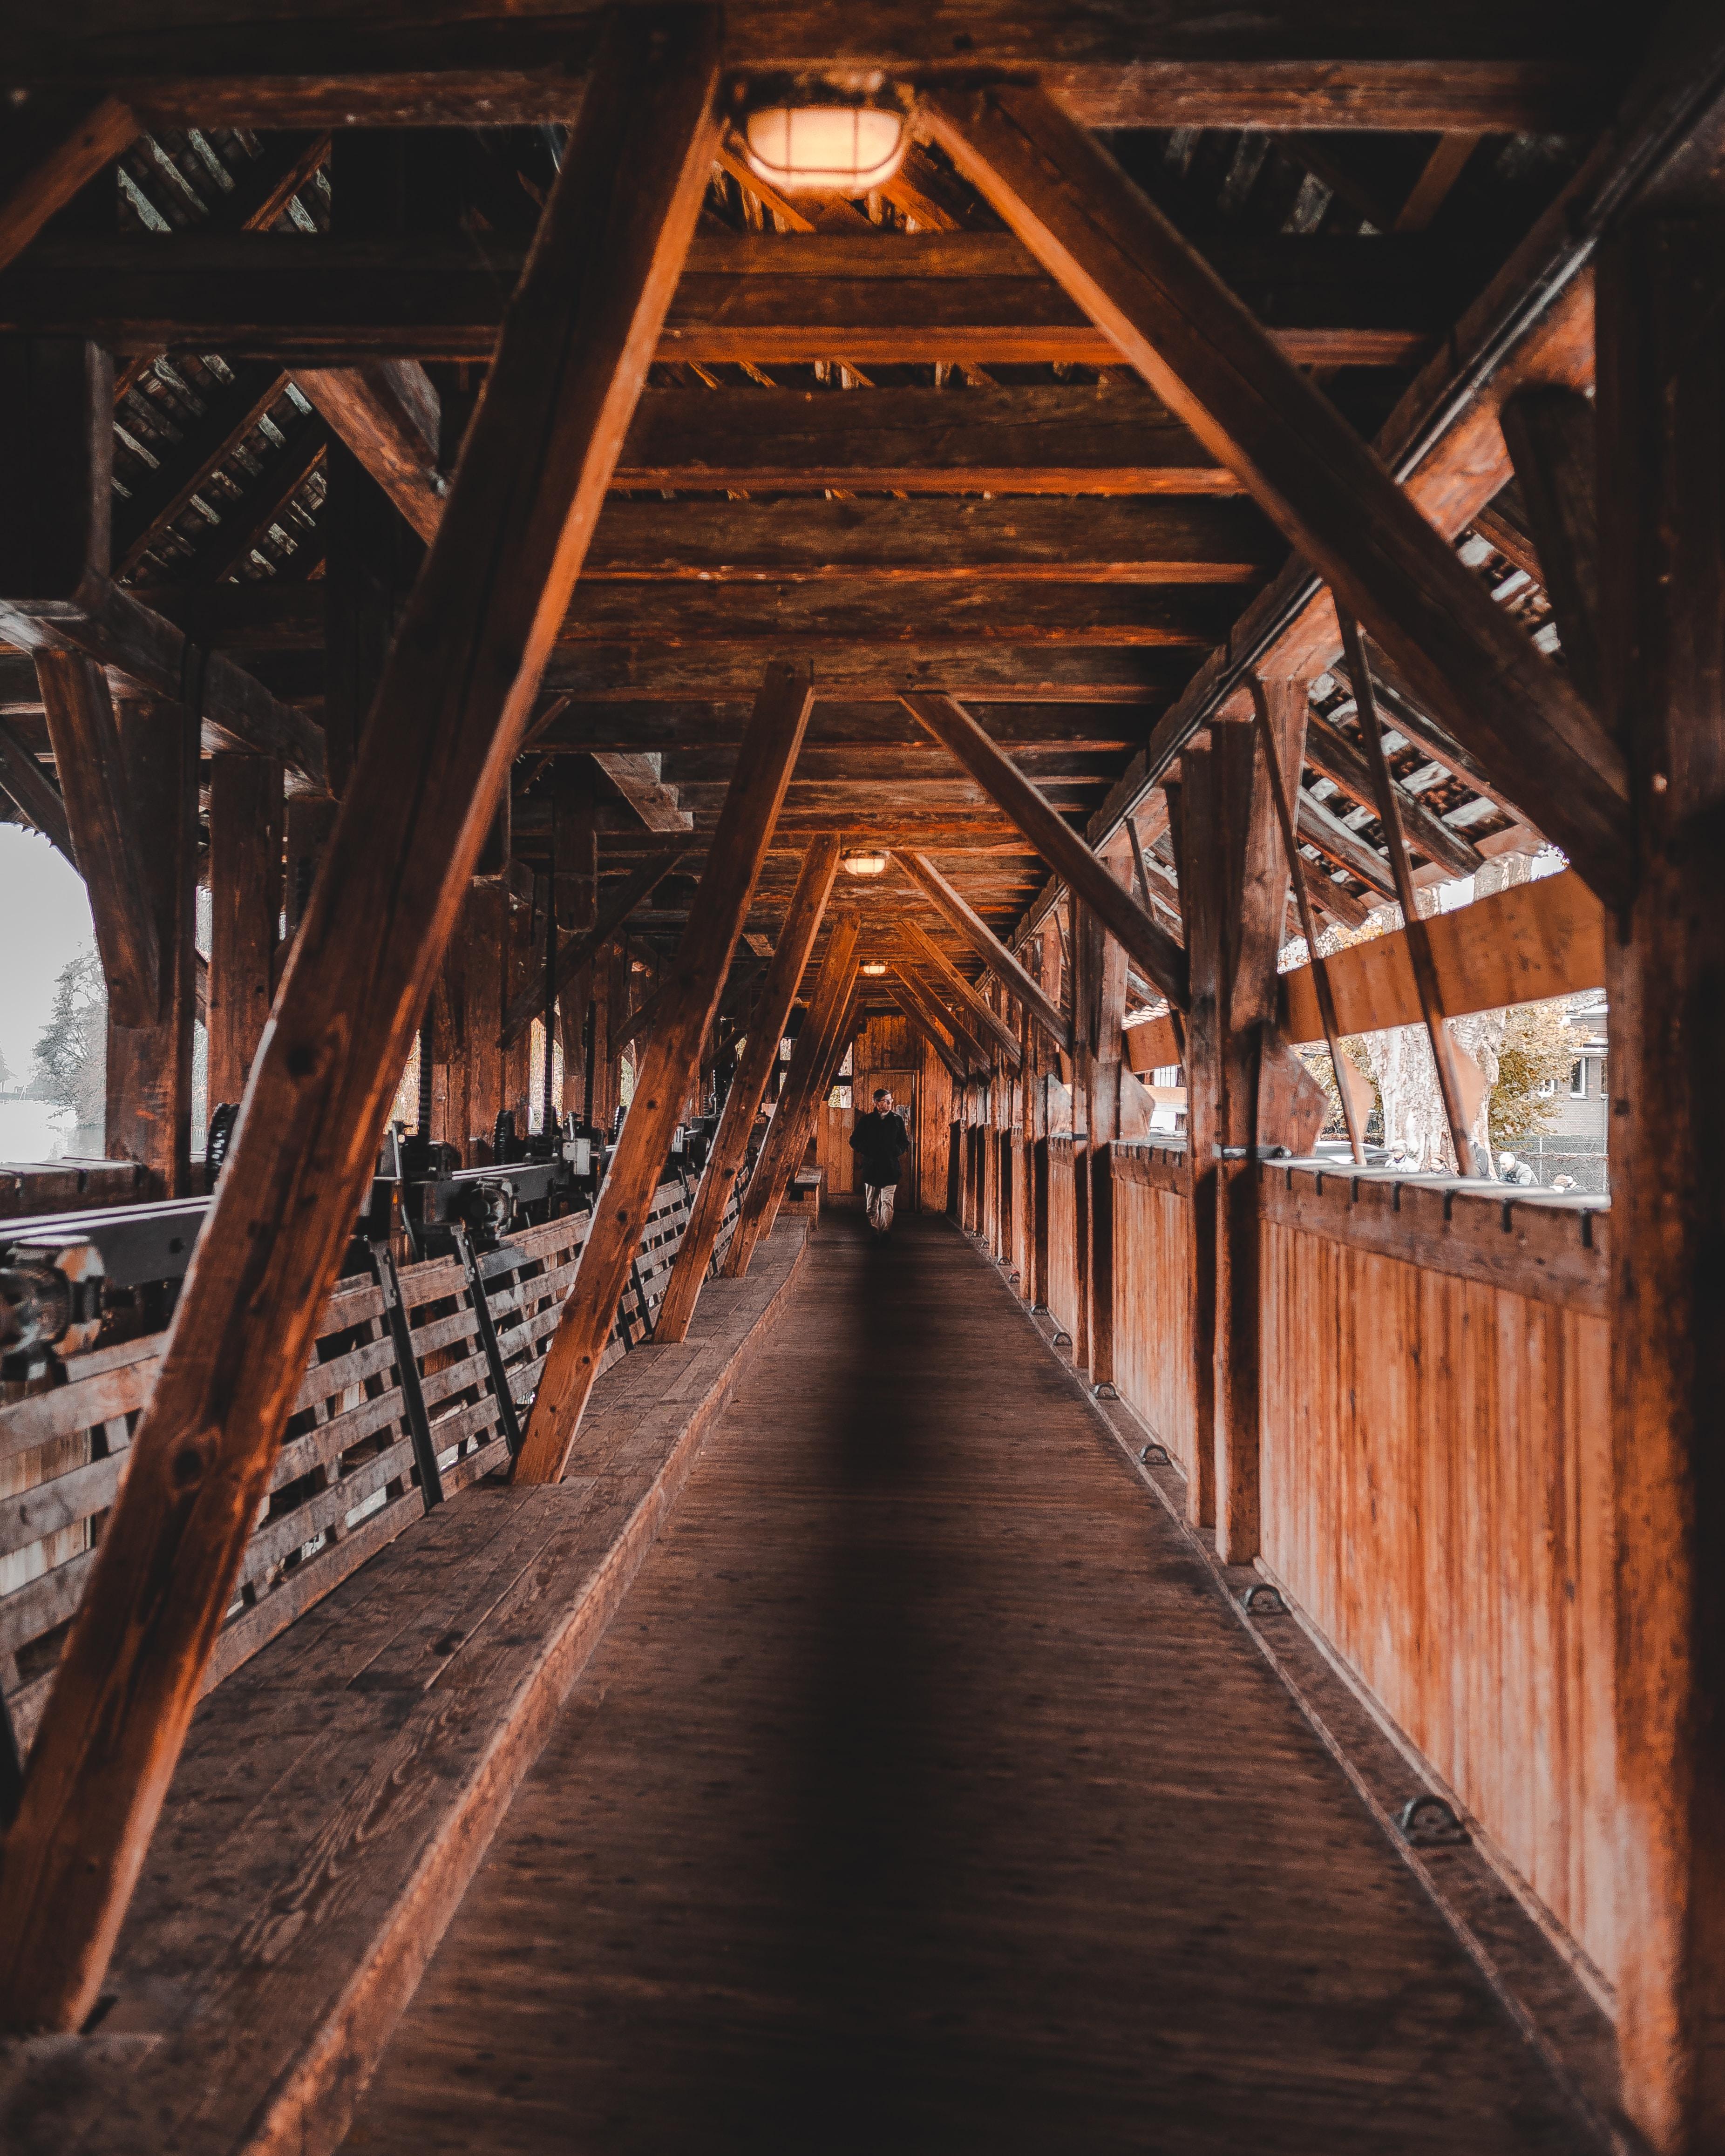 man walking on wooden bridge